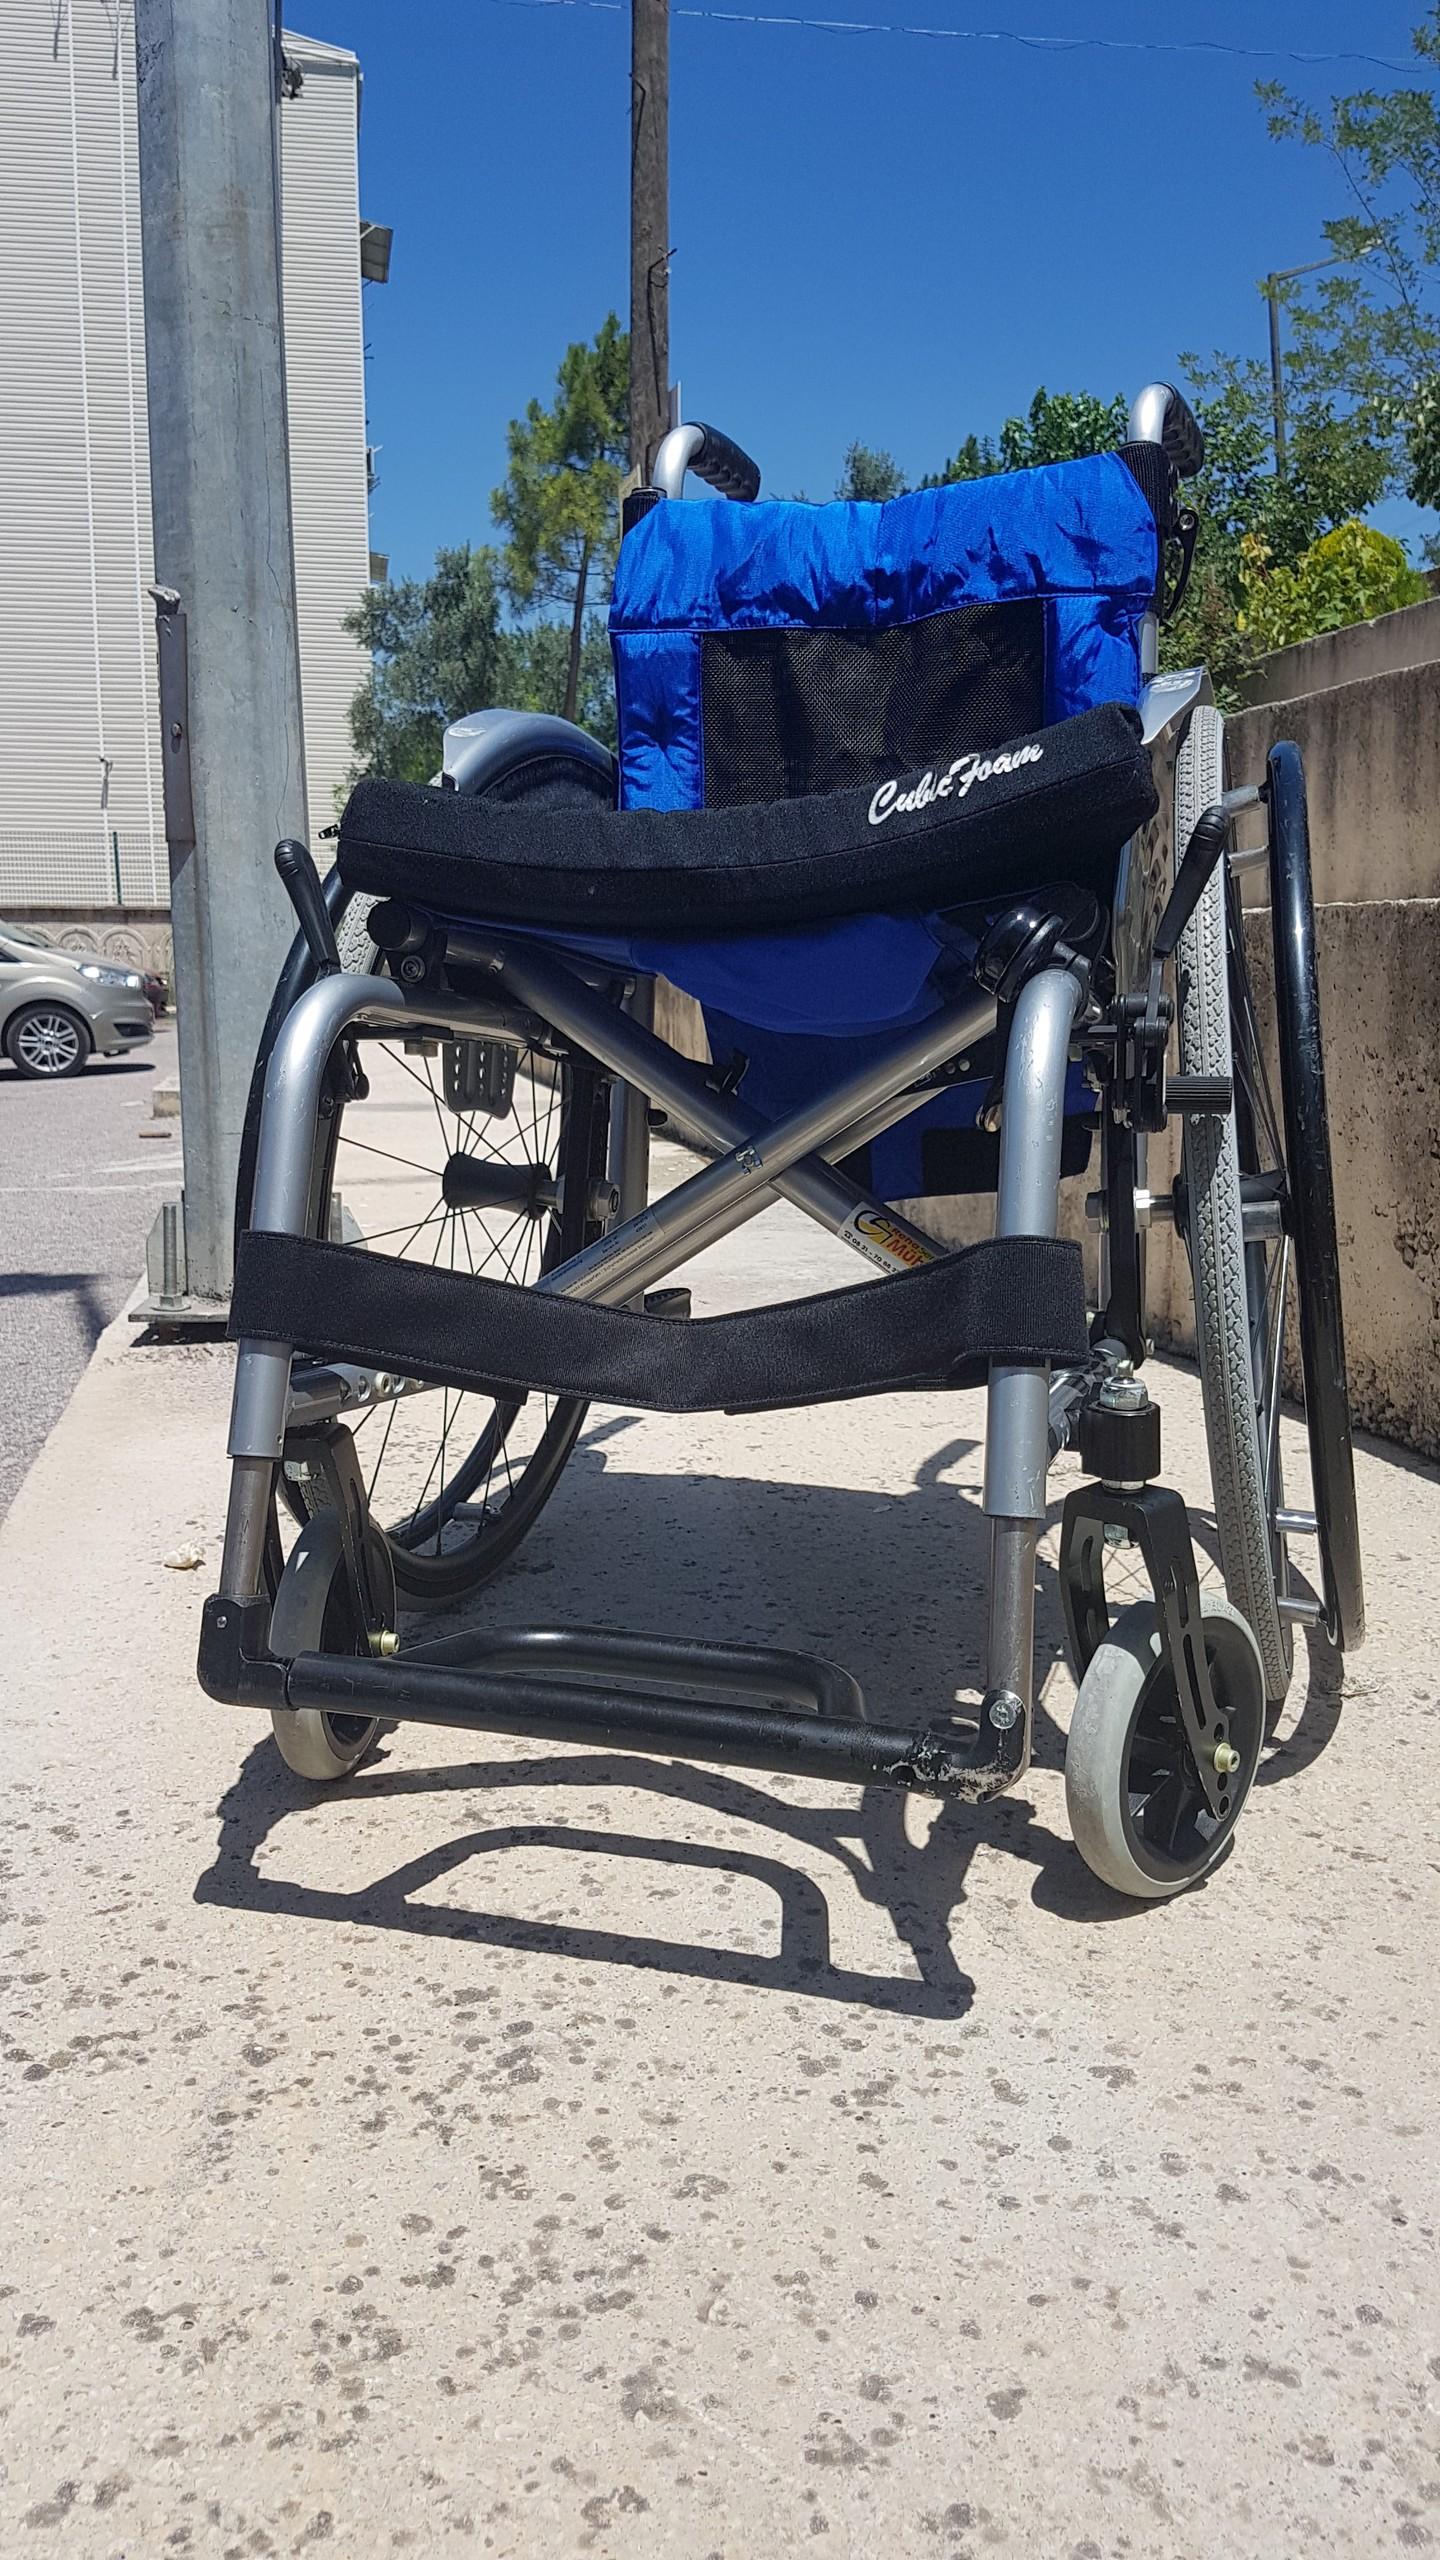 6D8LzN - Ottobock Avantgarde Ti 8.9 aktif tekerlekli sandalye satılıktır